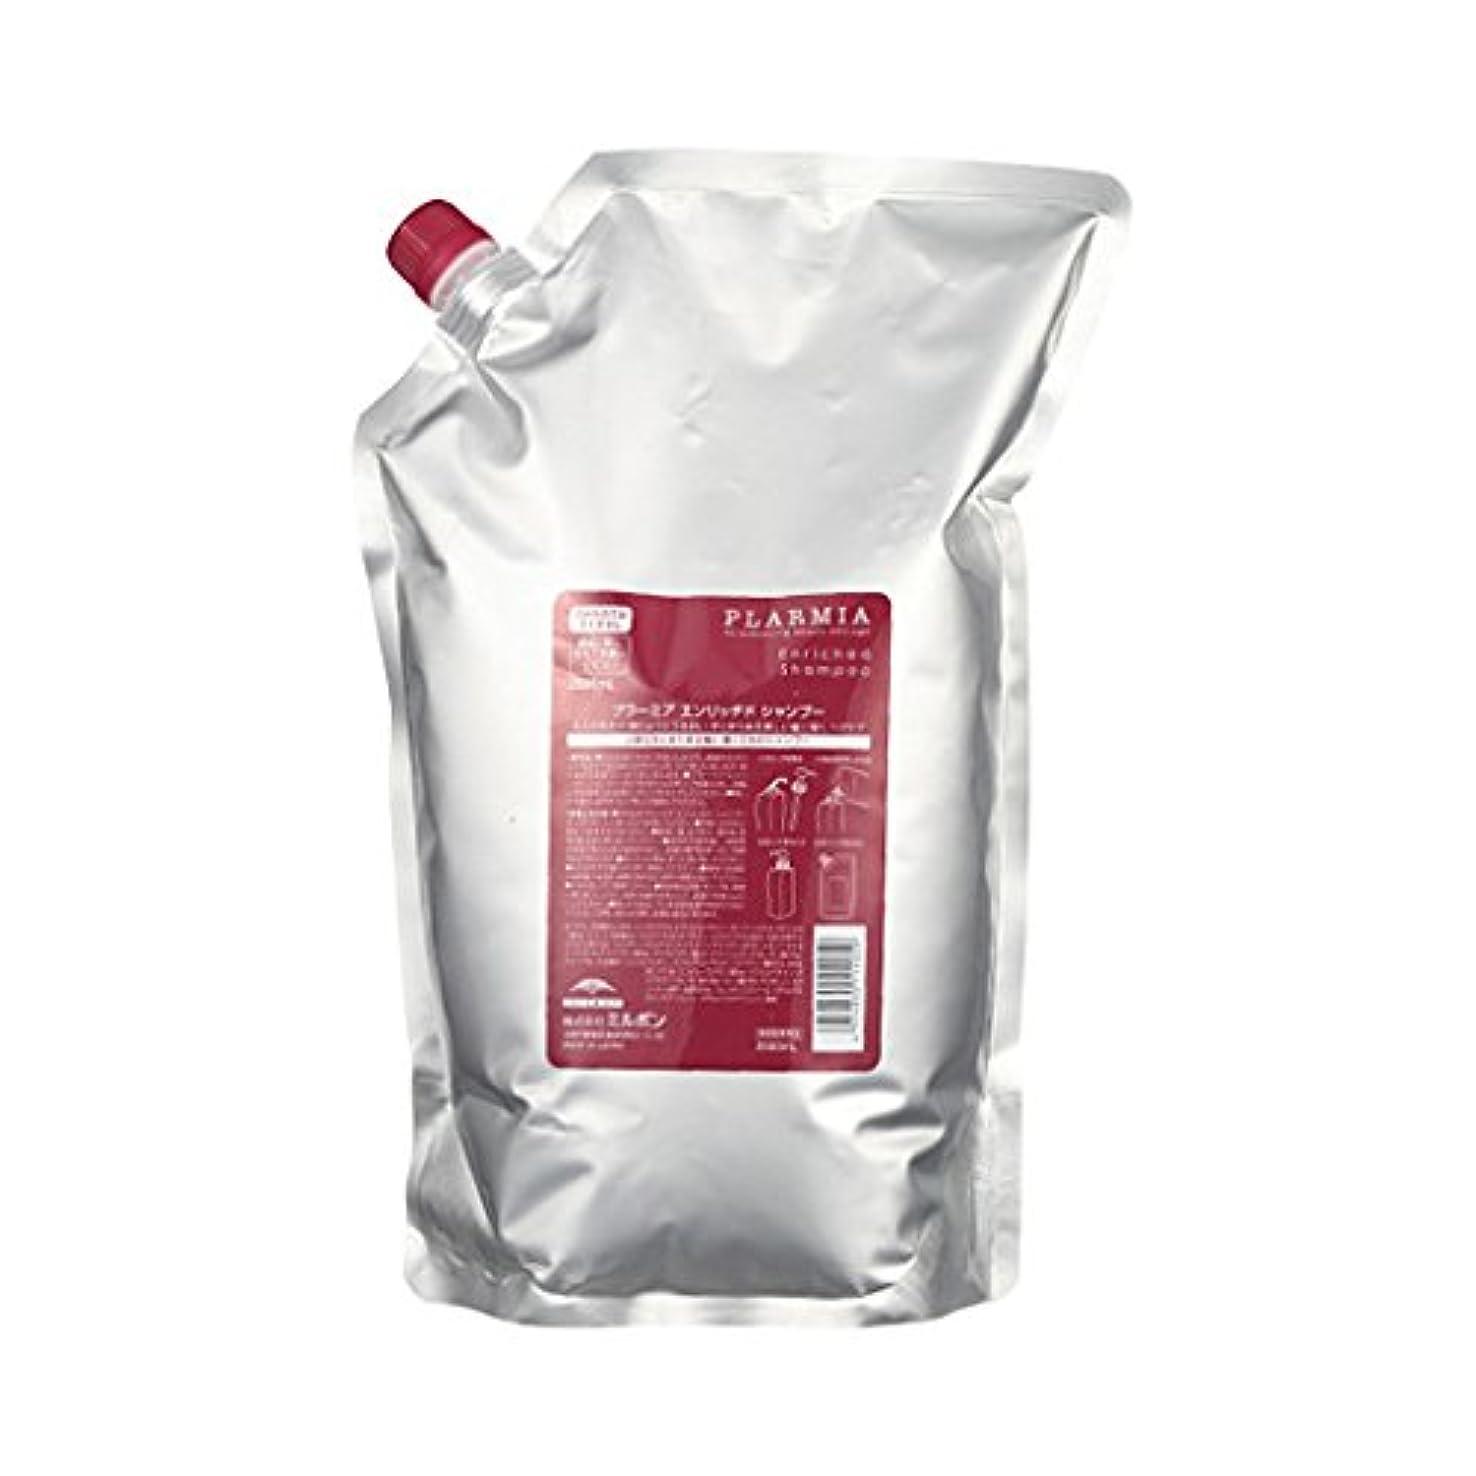 ライター冗長焼くミルボン プラーミア エンリッチド シャンプー (2500mlパック) 詰替用